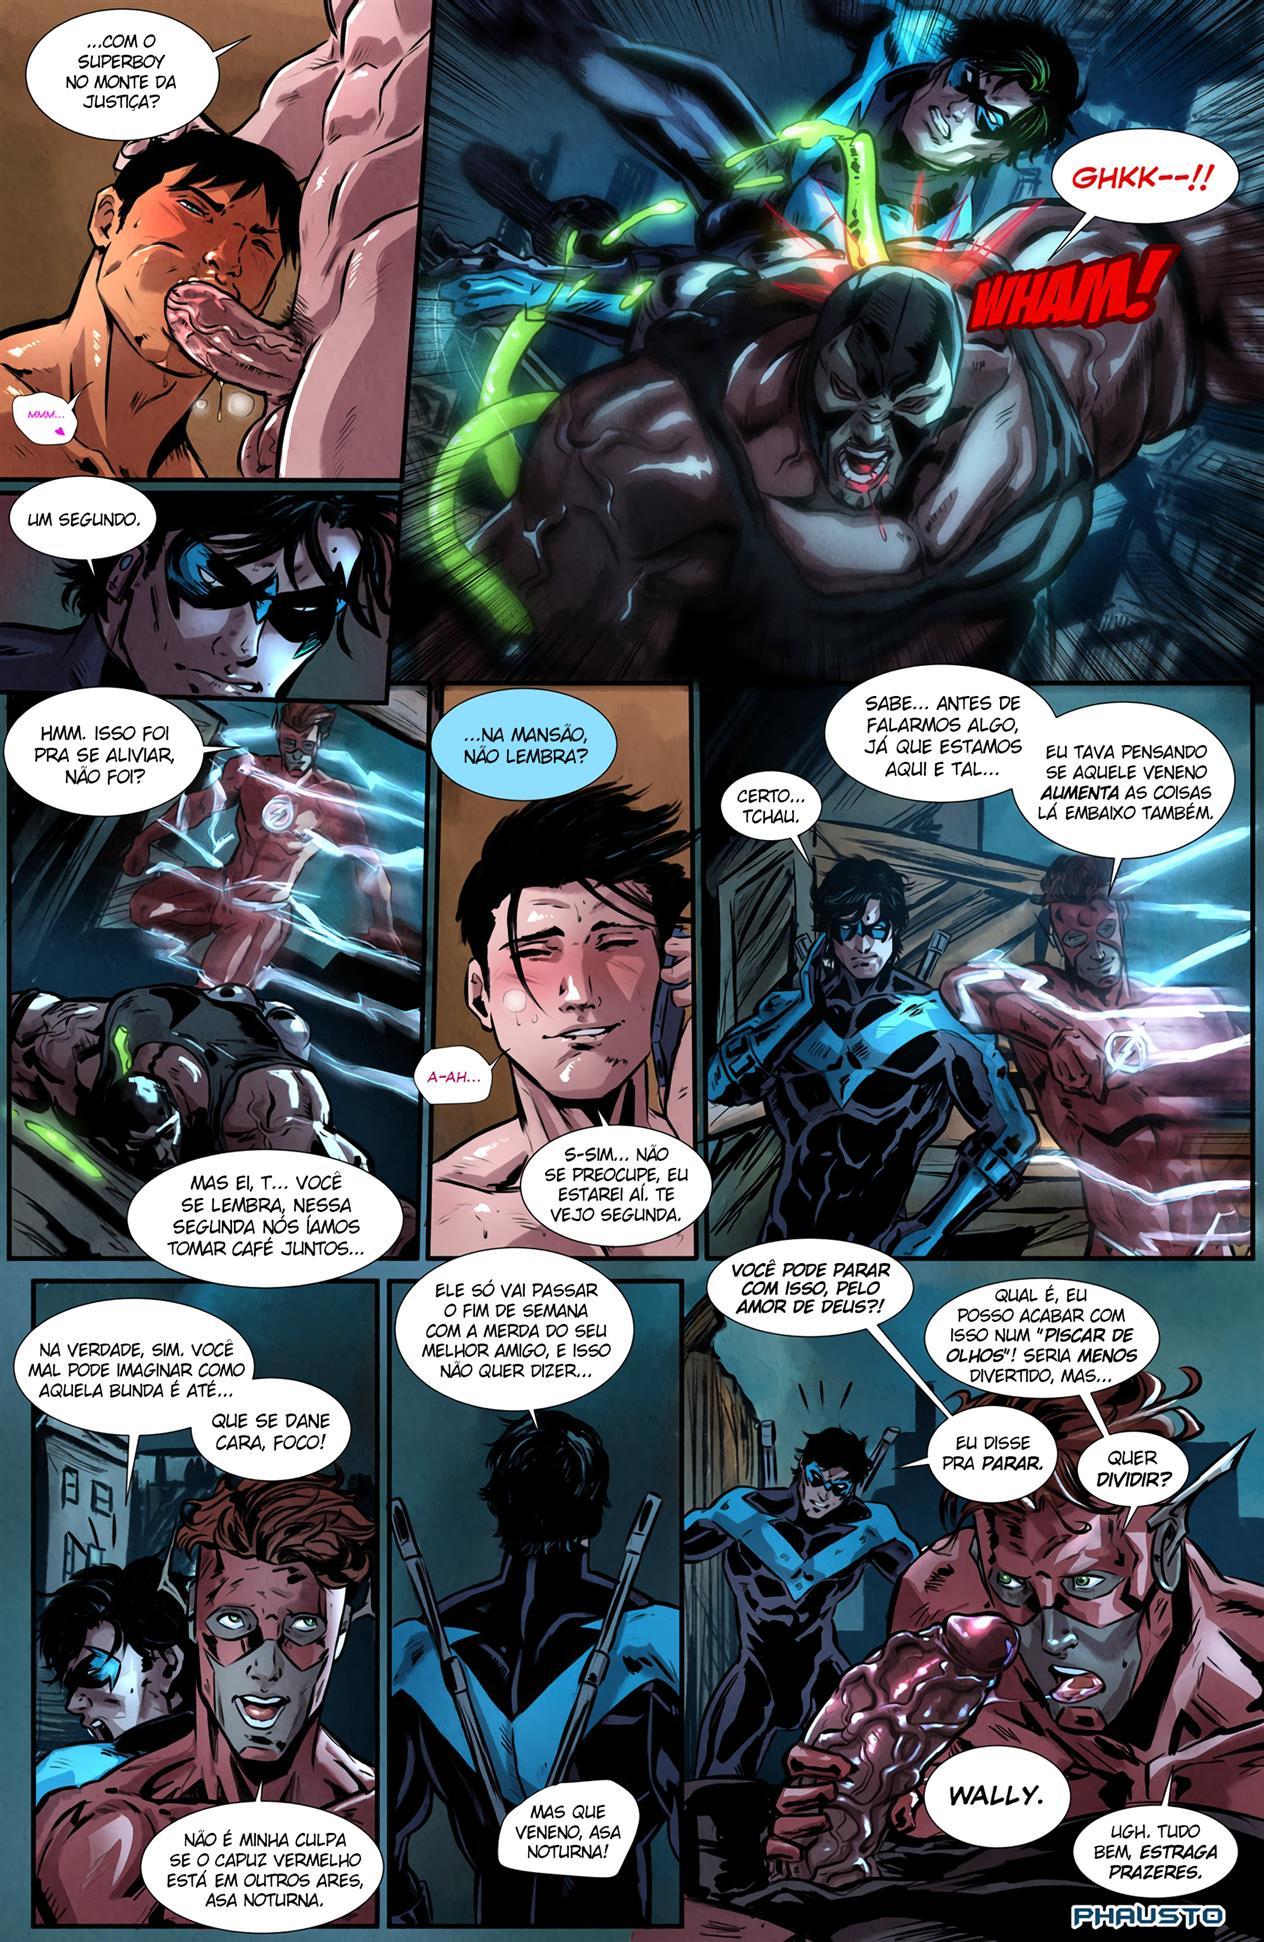 Superboy 1